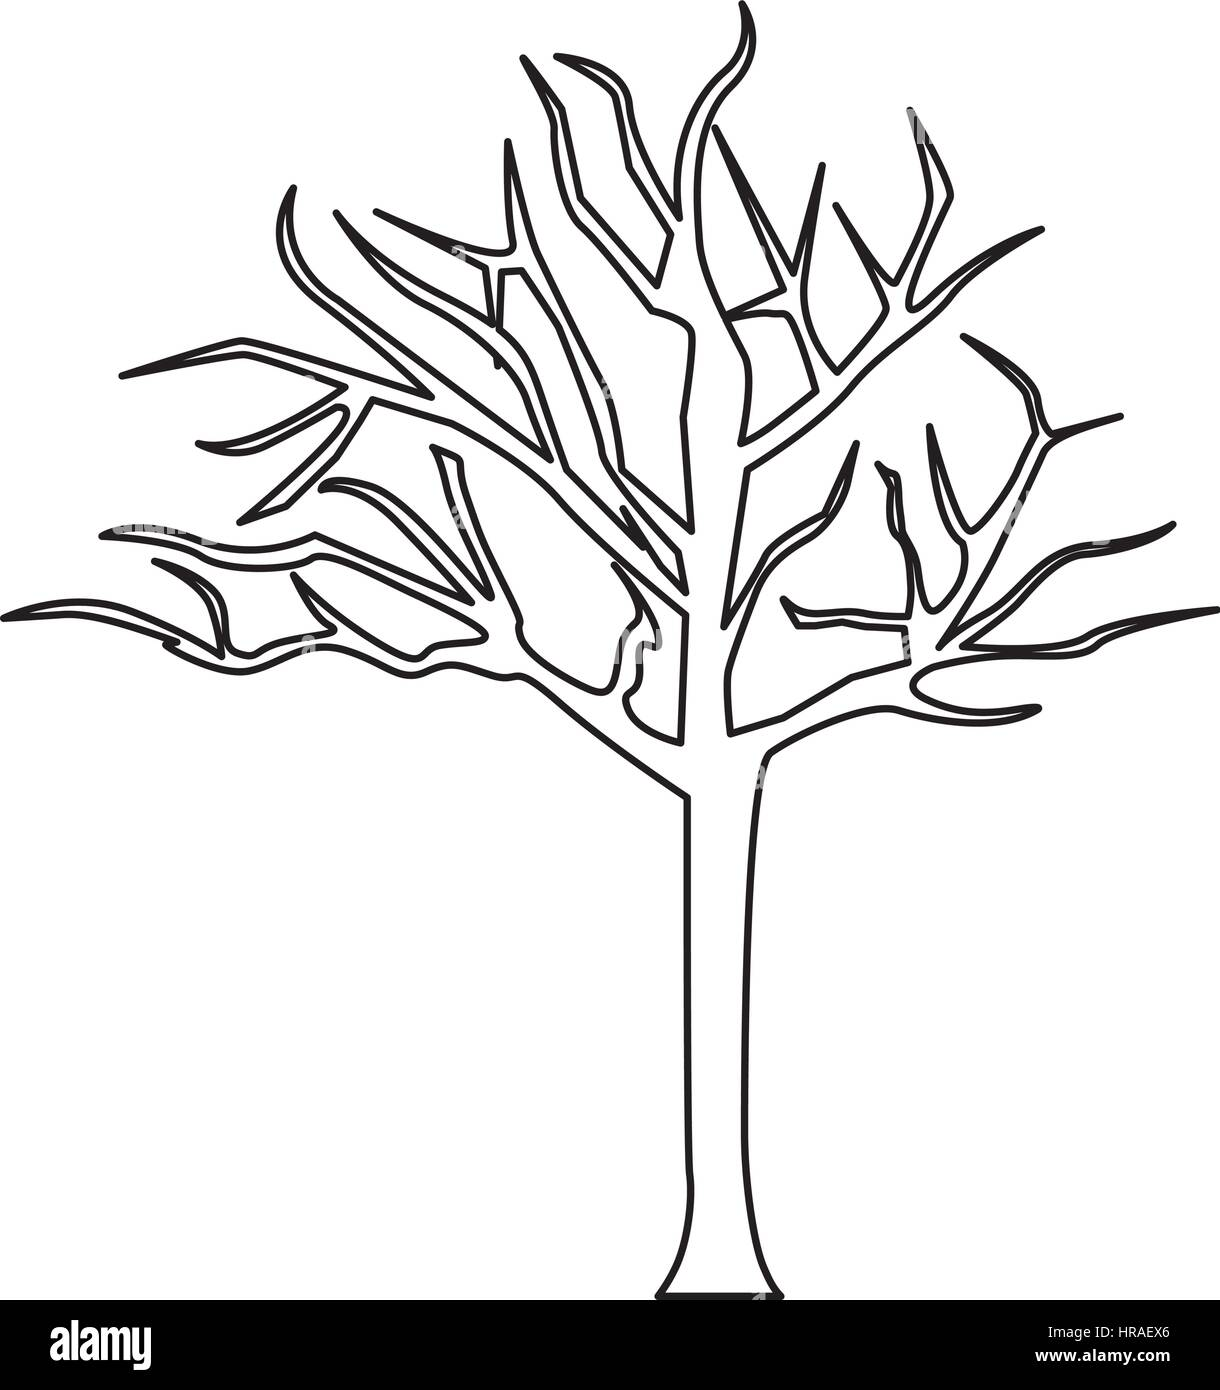 silhouettebaum mit Ästen ohne blätter stockvektorgrafik